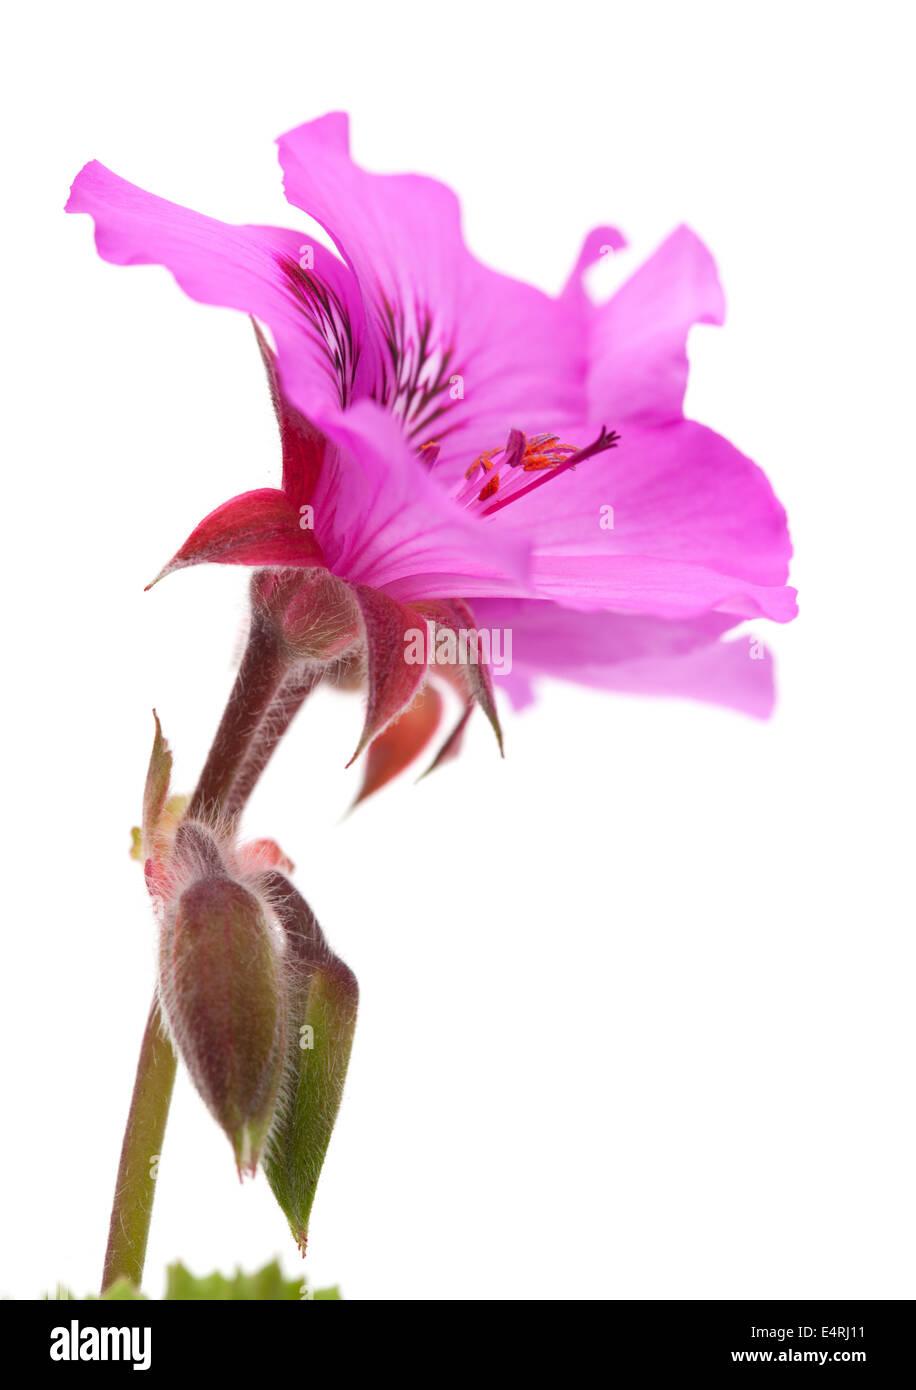 magenta Pelargonium flower isolated on white - Stock Image